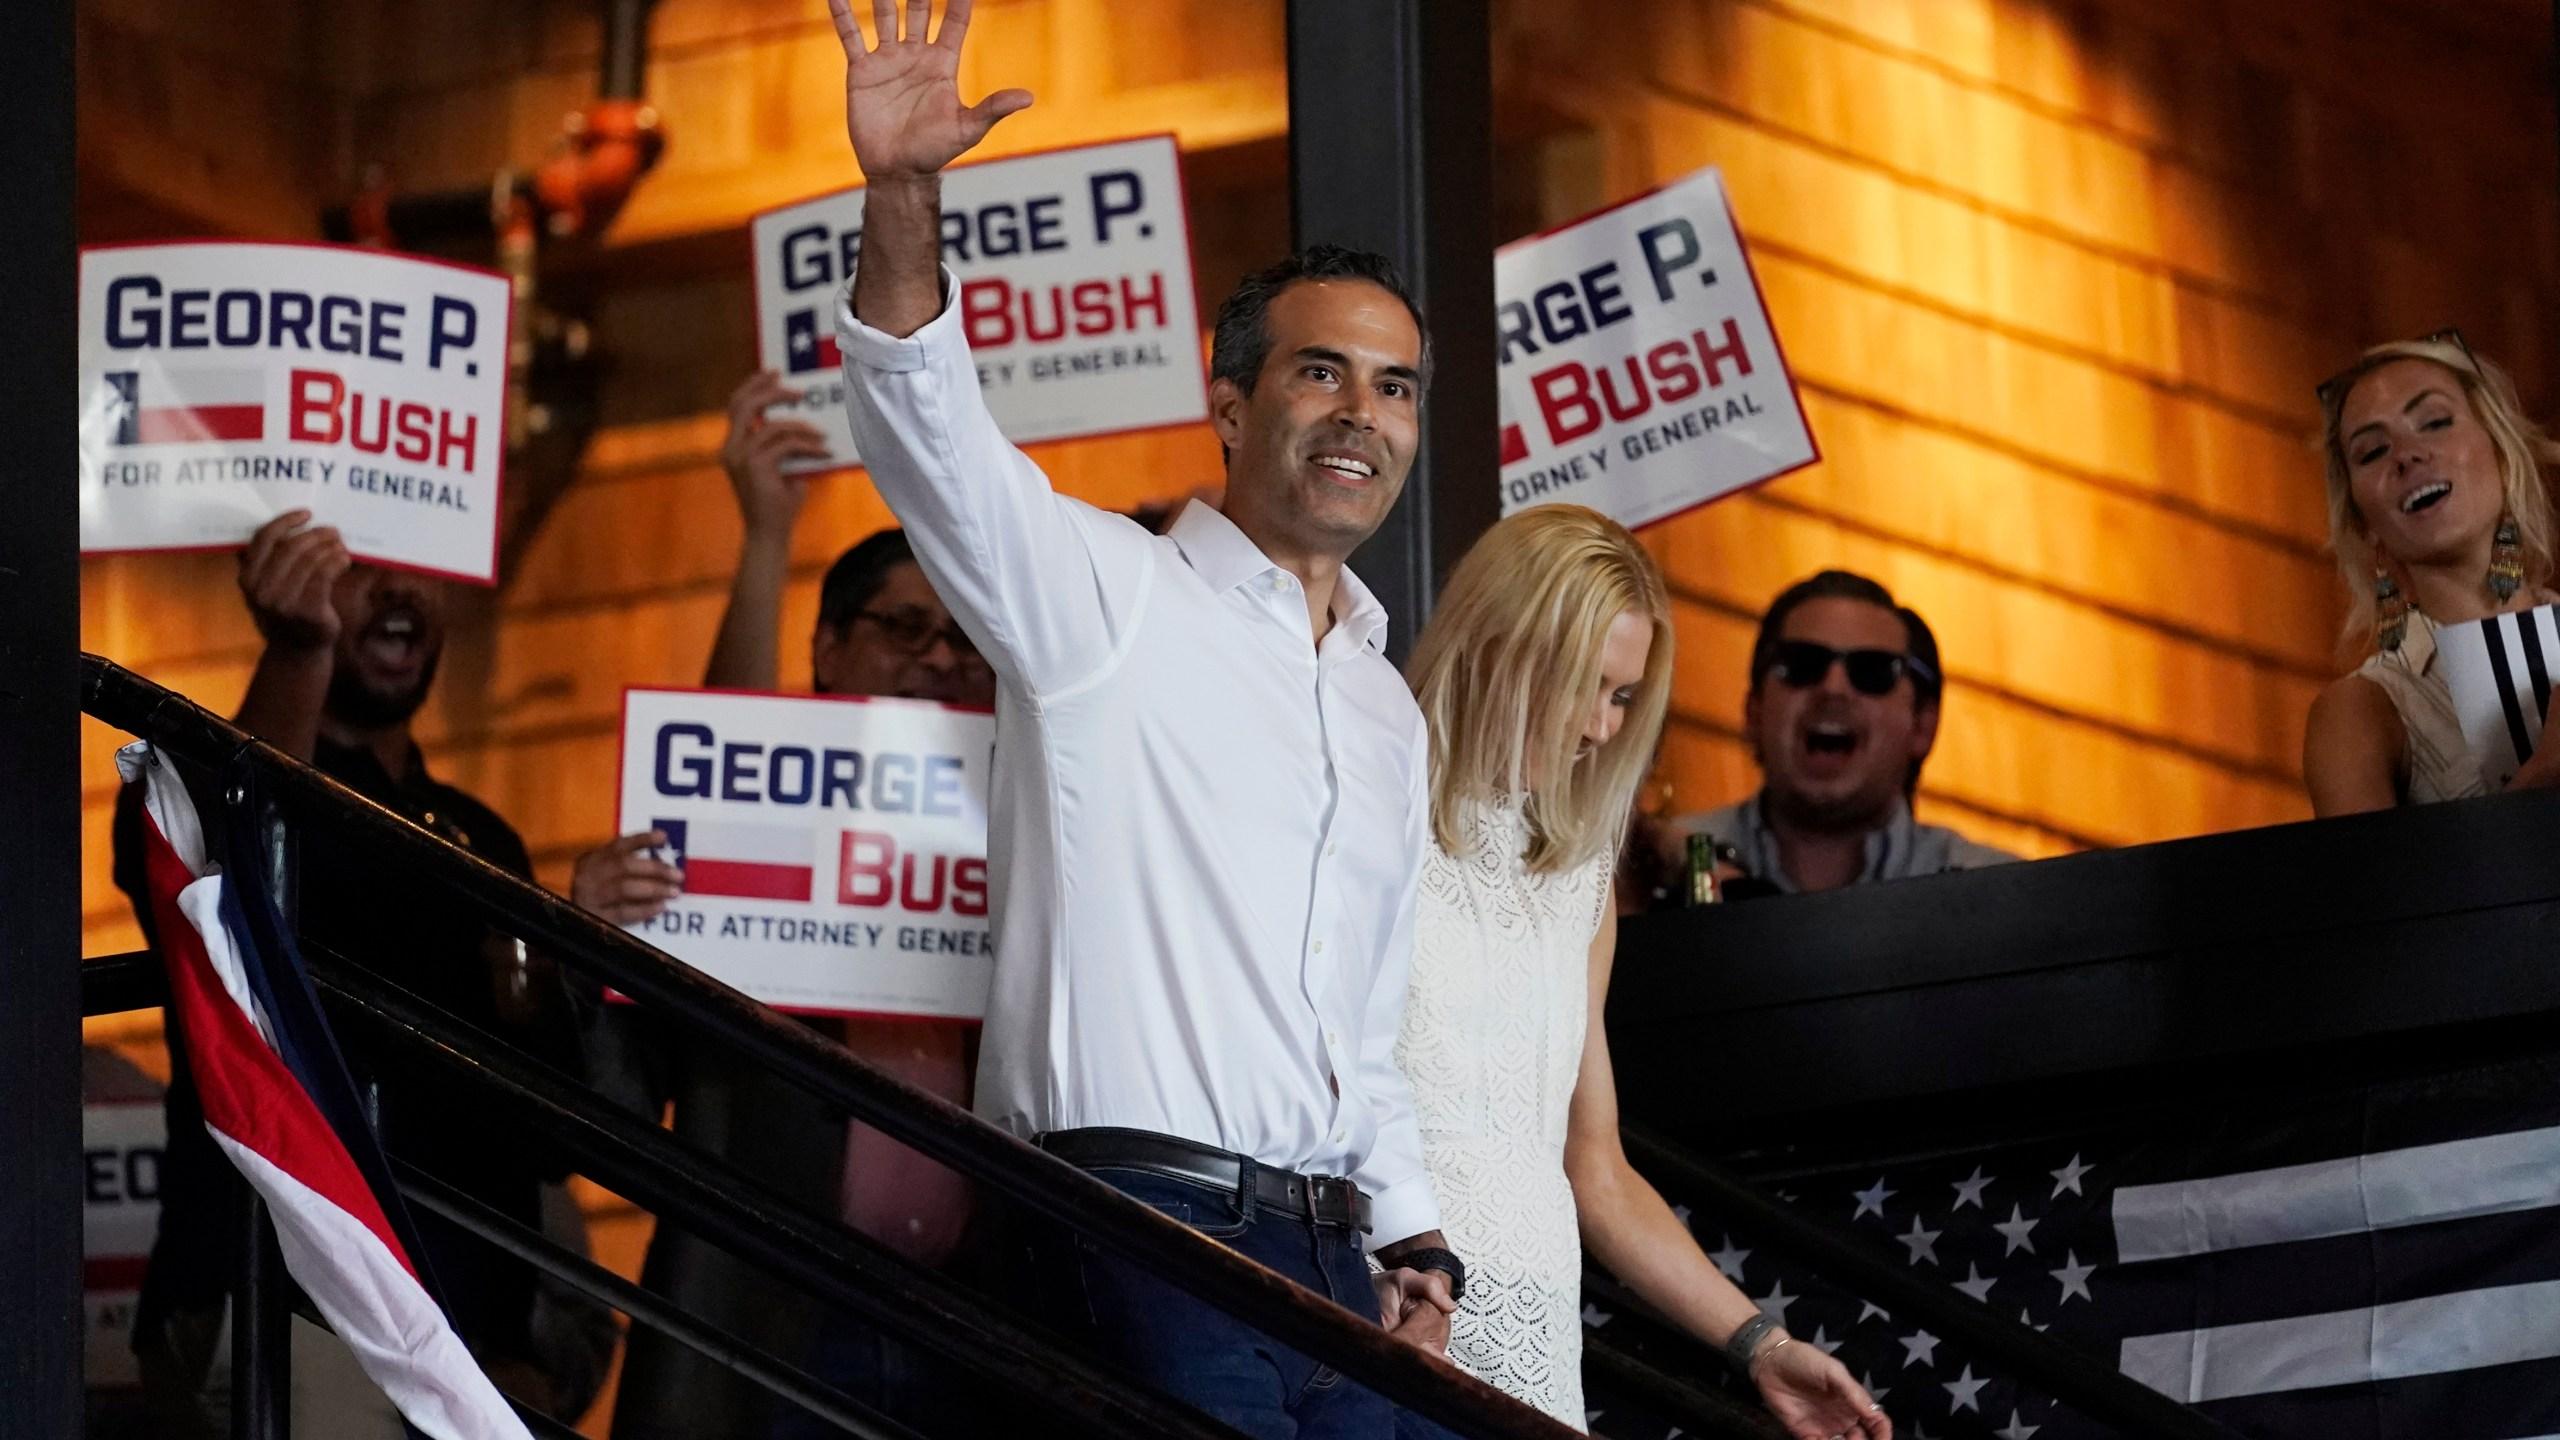 Goerge P. Bush, Amanda Bush